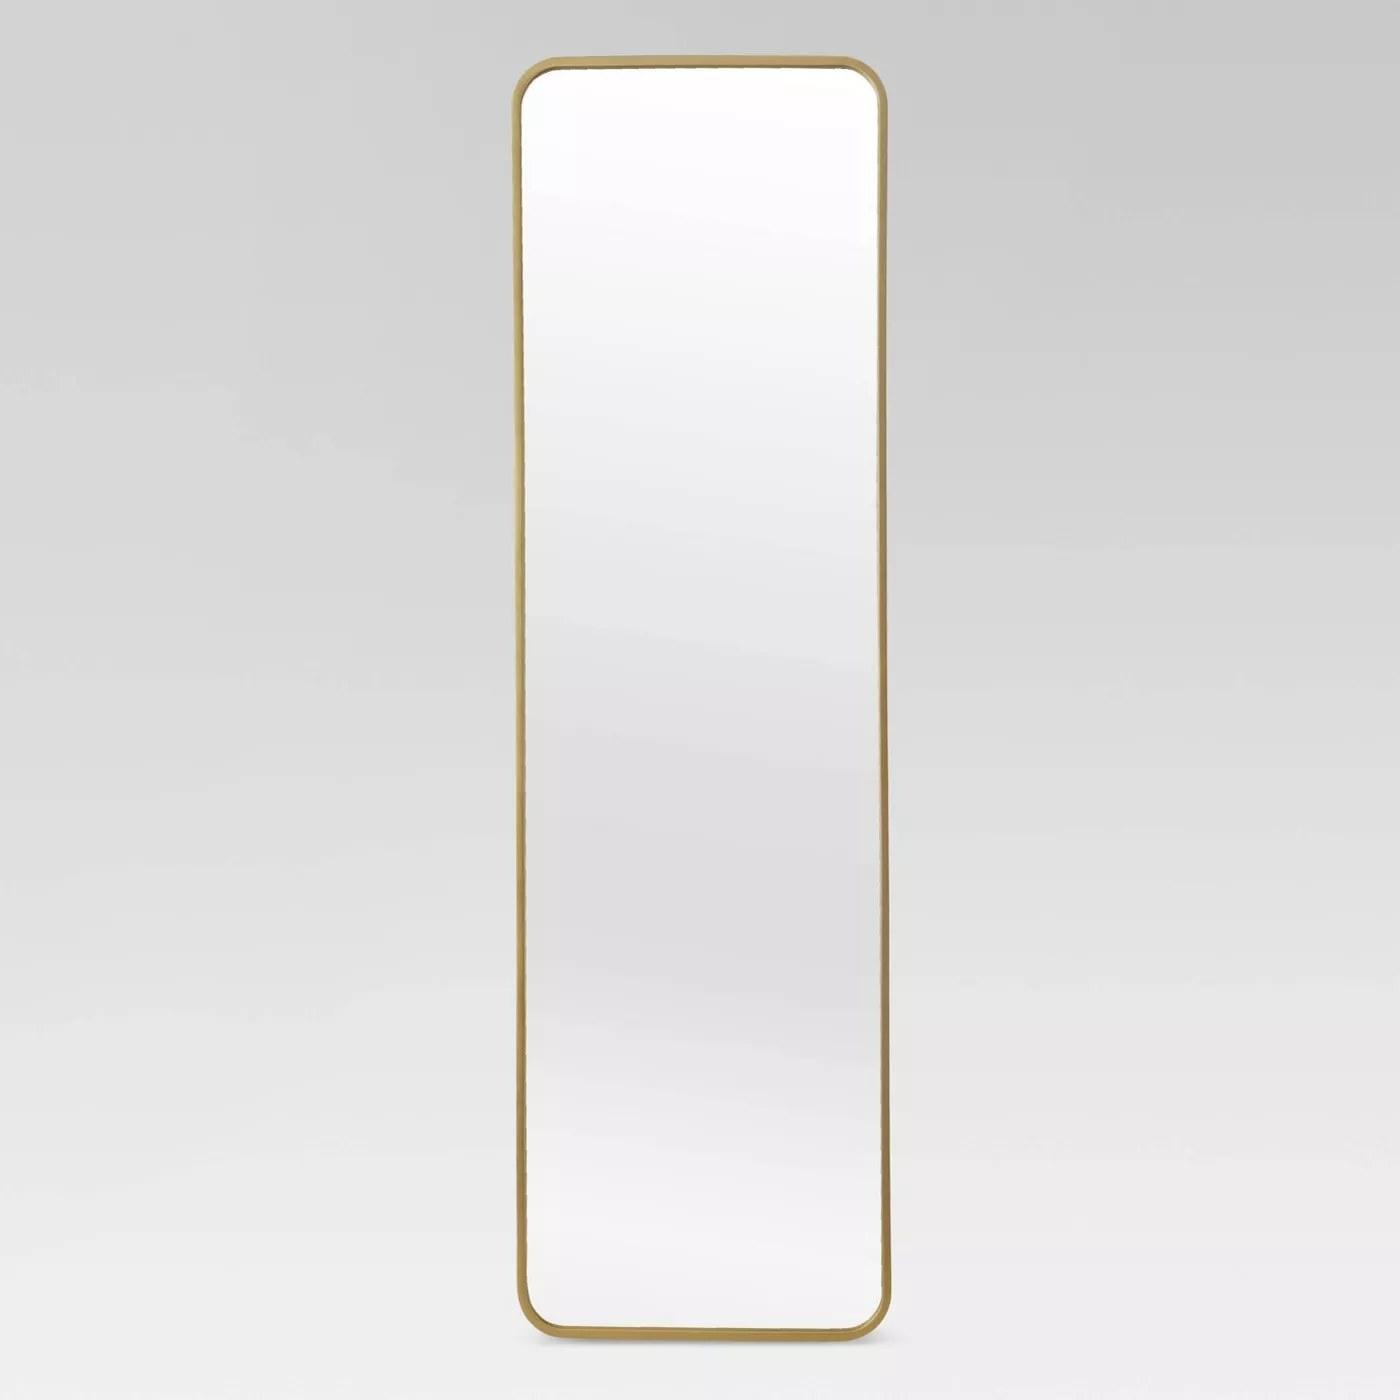 An over-the-door mirror